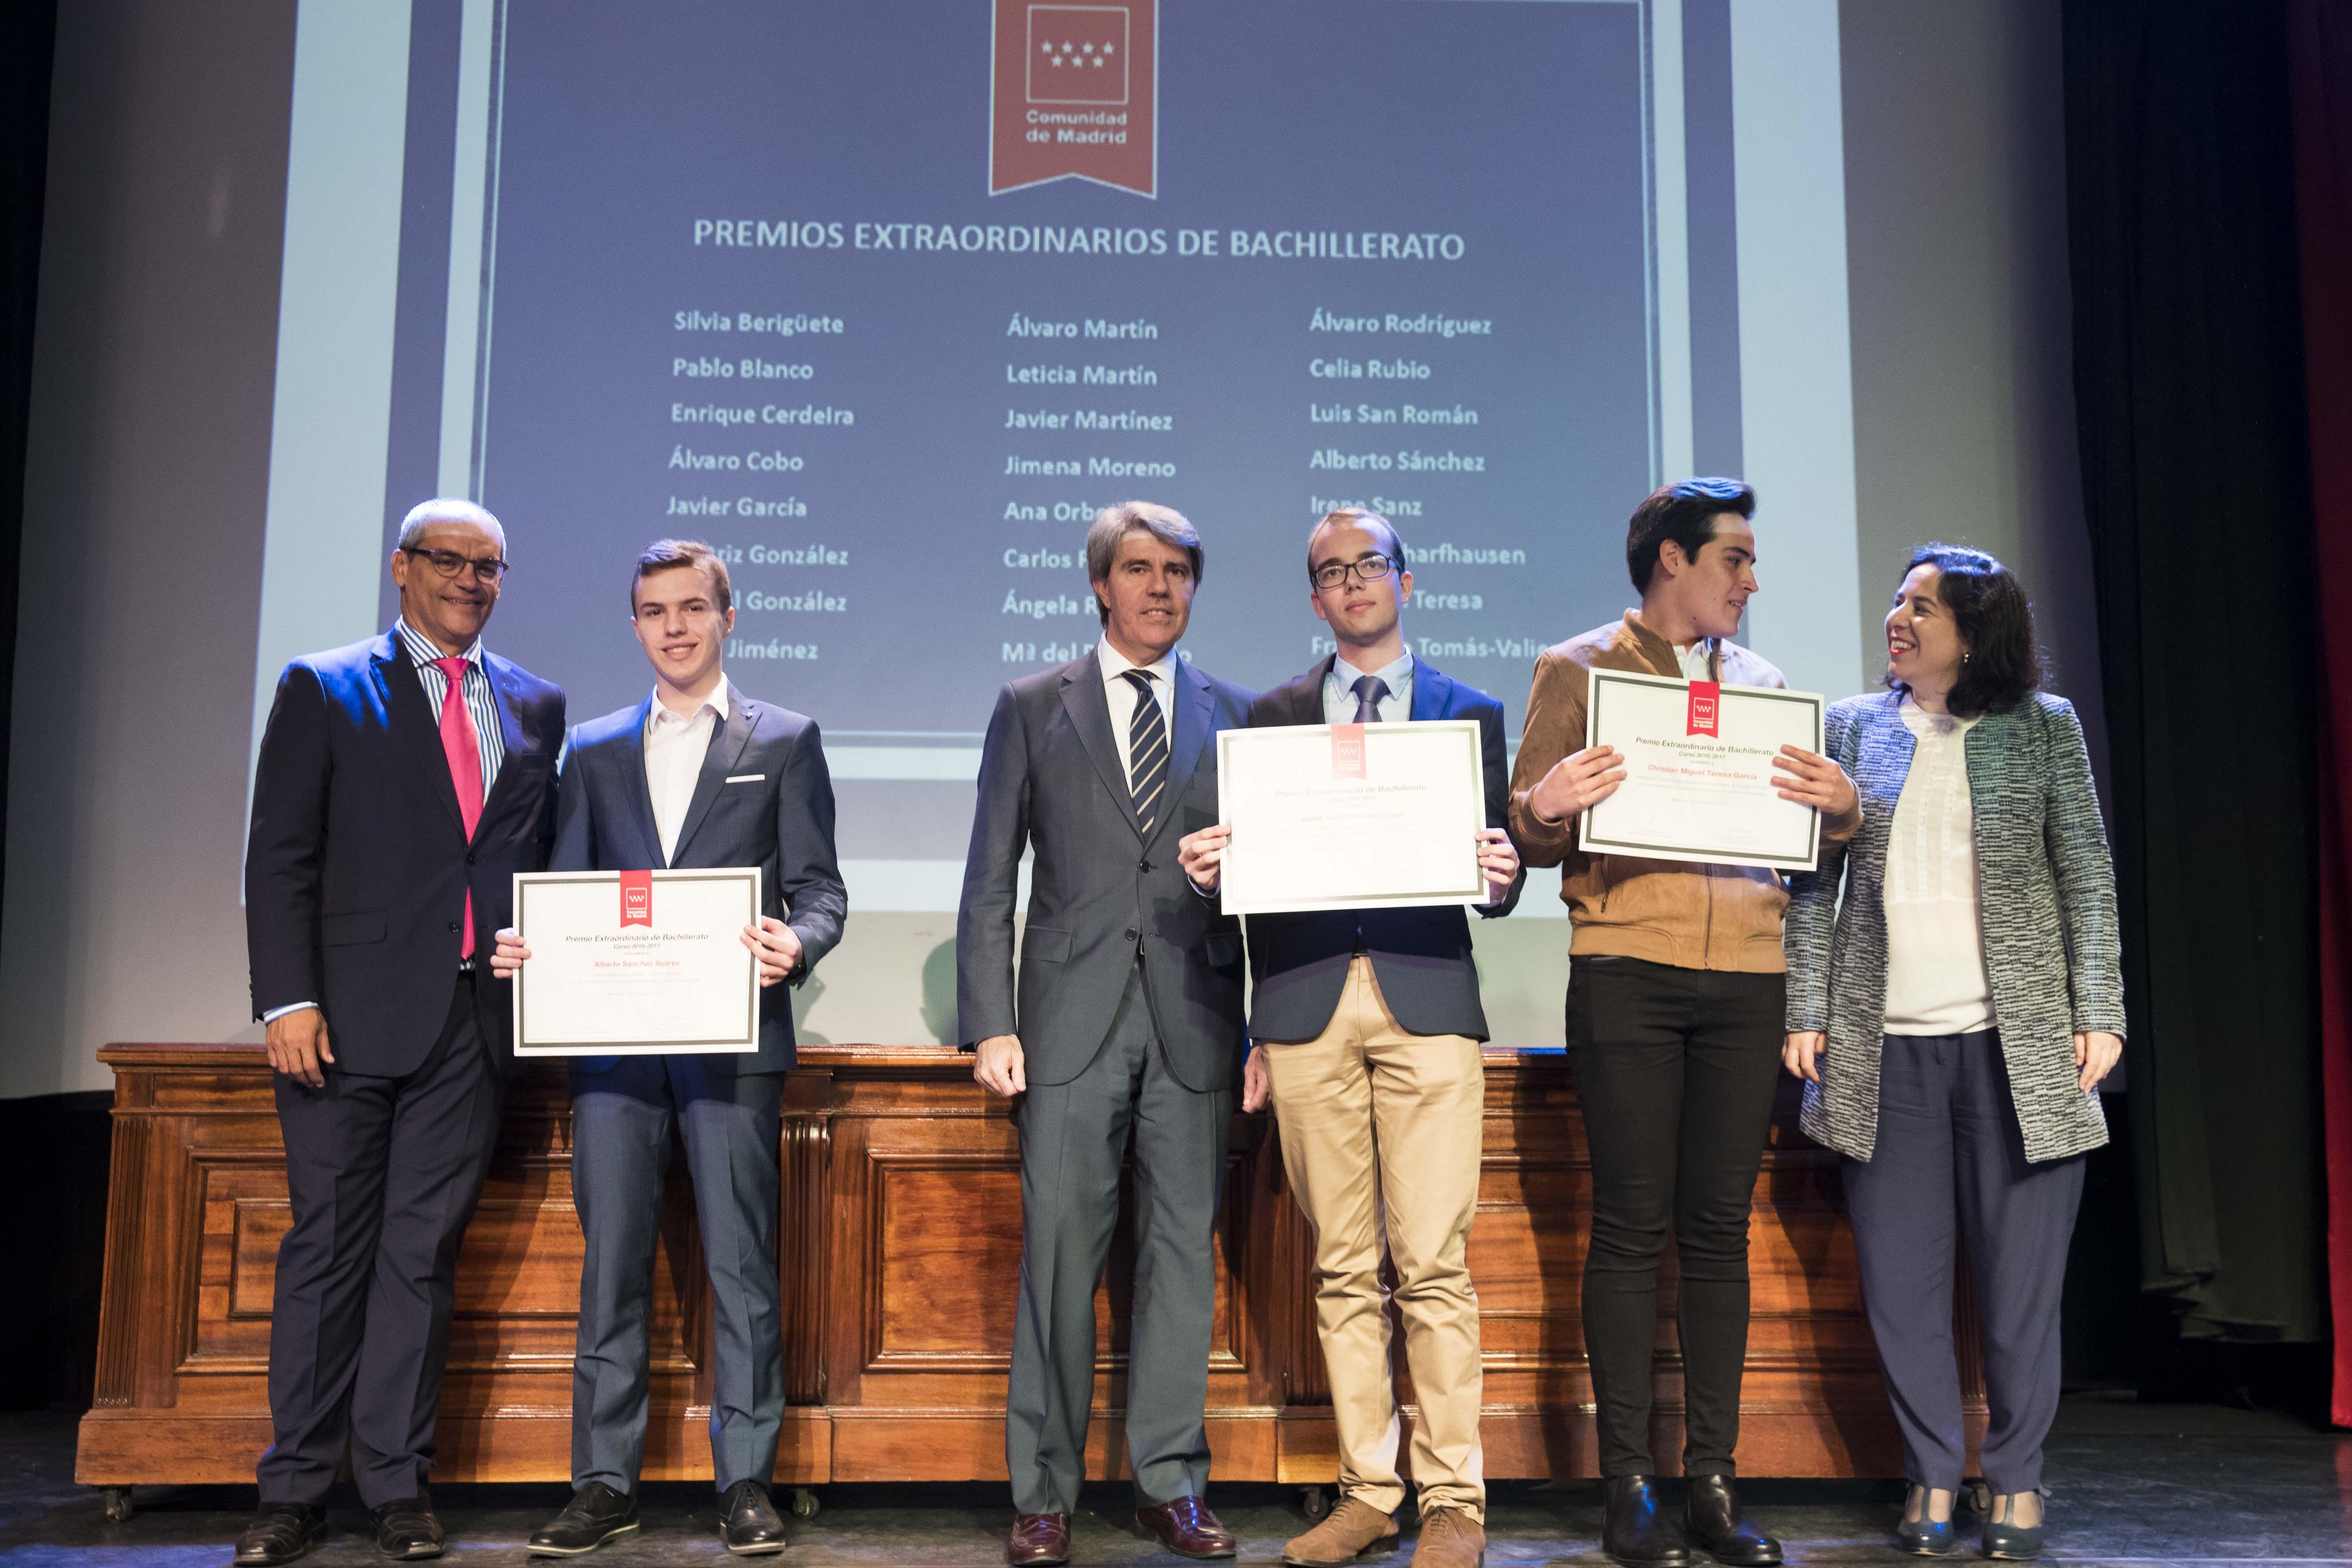 Entrega de los premios extraordinarios correspondientes al curso 2016/2017 13